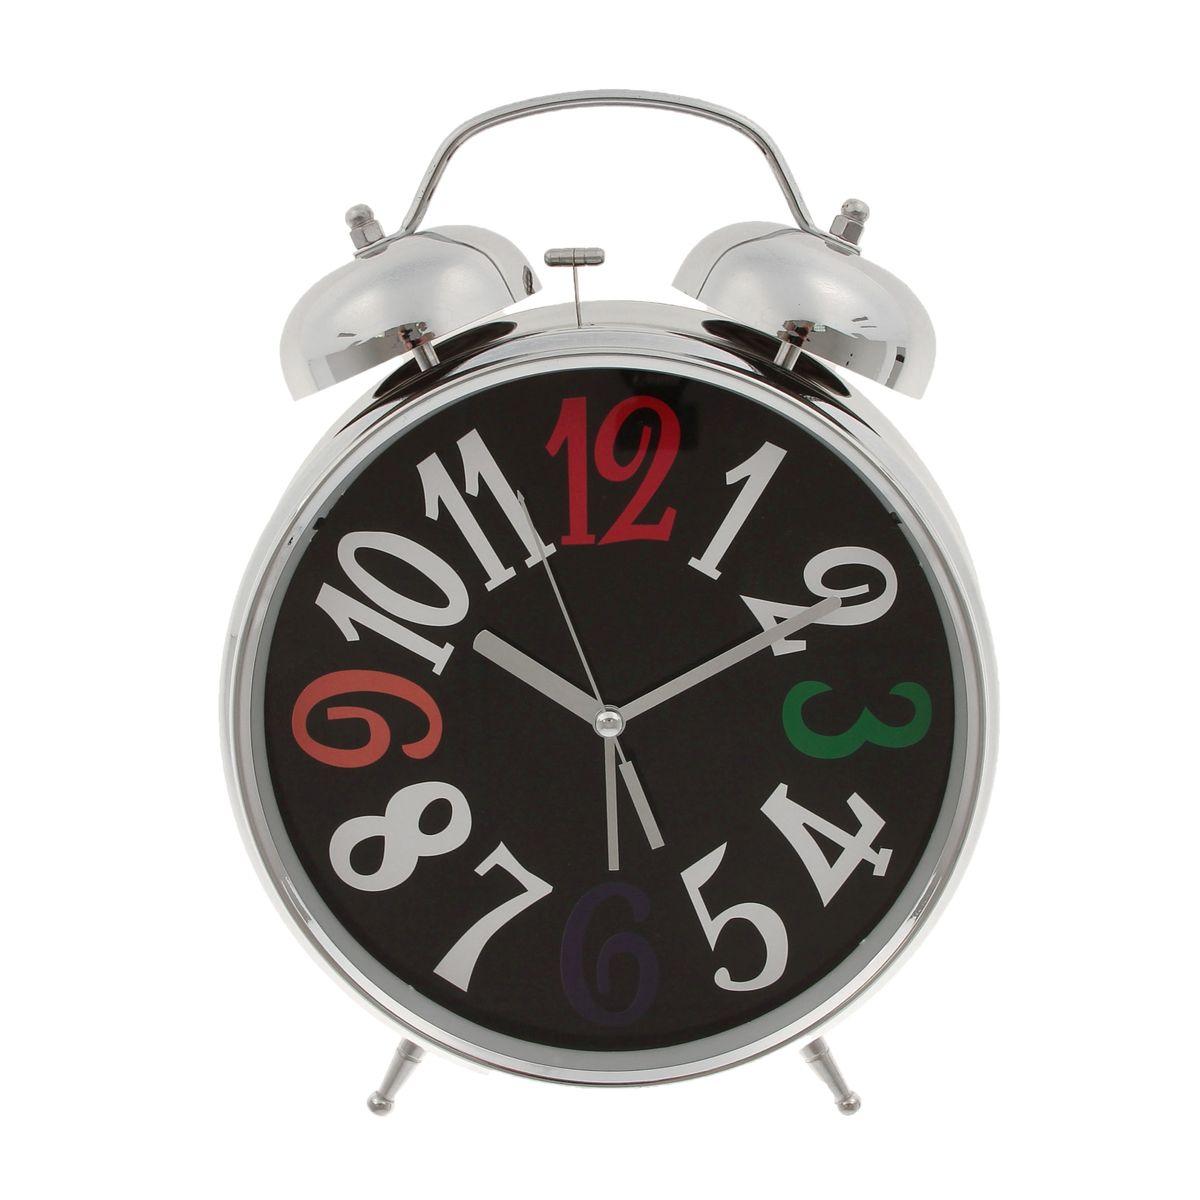 будильник большой хром с подсветкой 3,6,9,12 разноцветные 2 звоночка d23см 720872 - Радиобудильники и проекционные часы